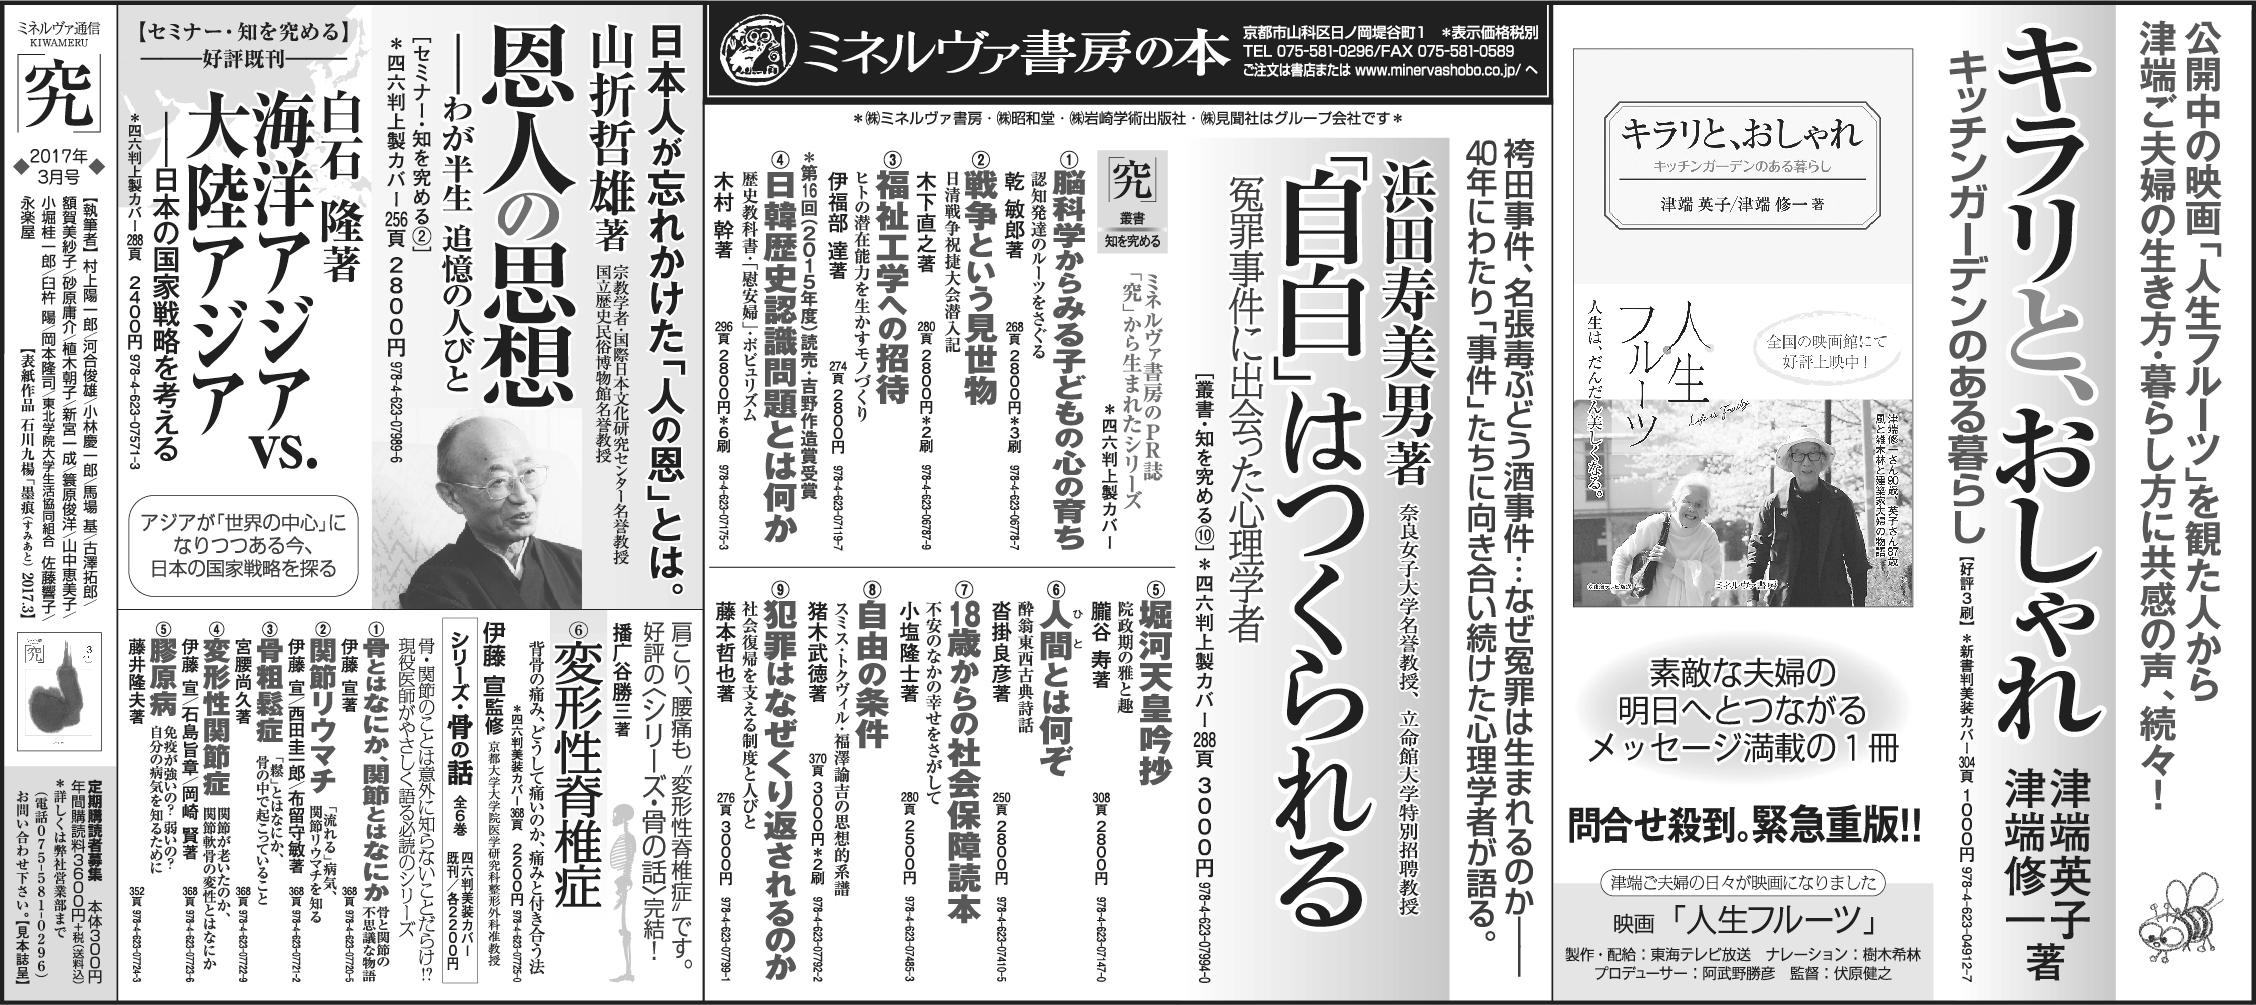 朝日新聞2017年3月12日(読書面)全5段広告